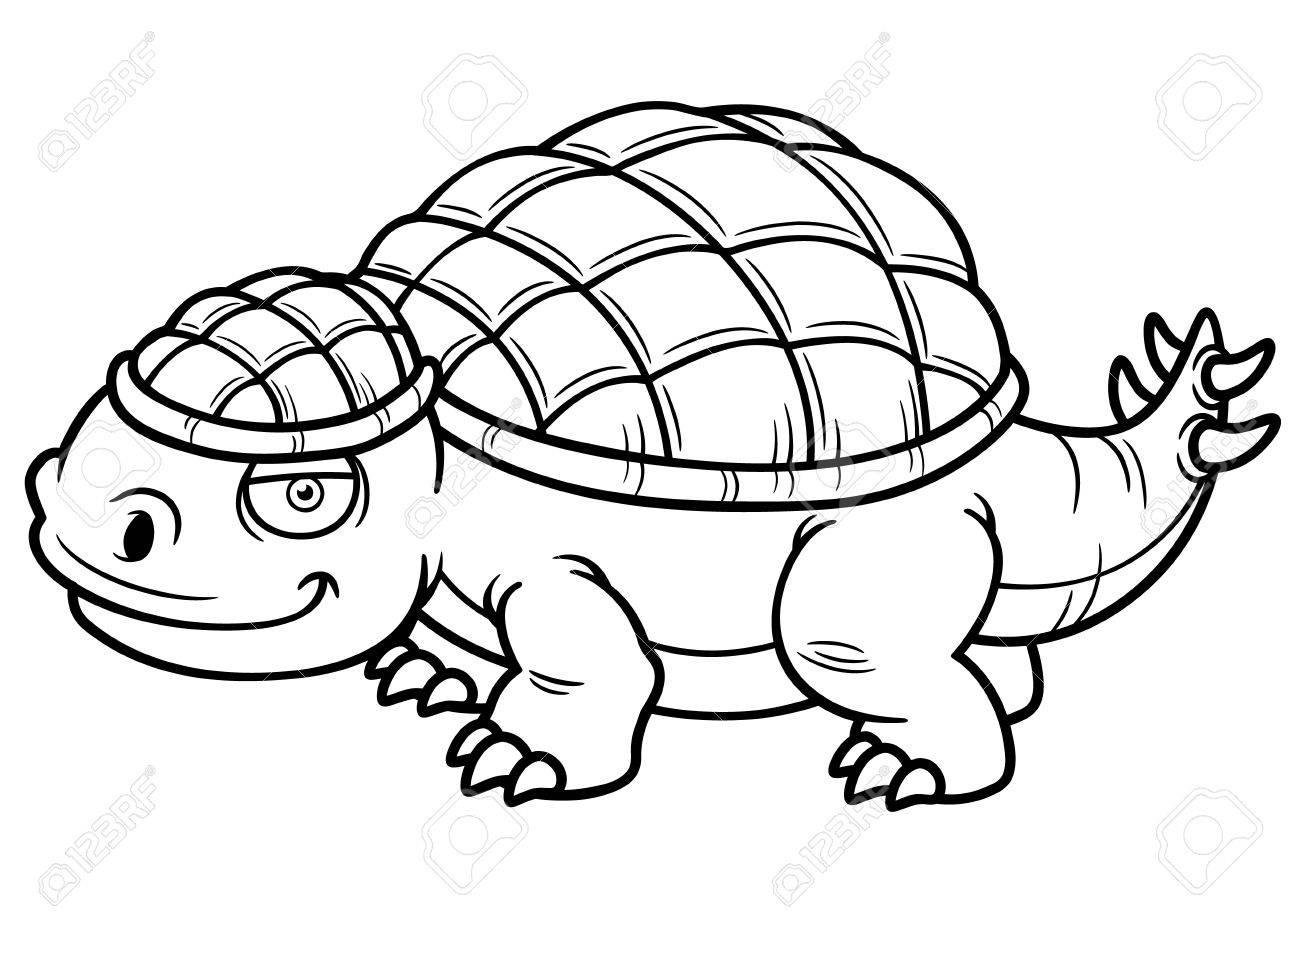 Ilustración Del Vector Del Dinosaurio Del Libro De Dibujos Animados Para Colorear